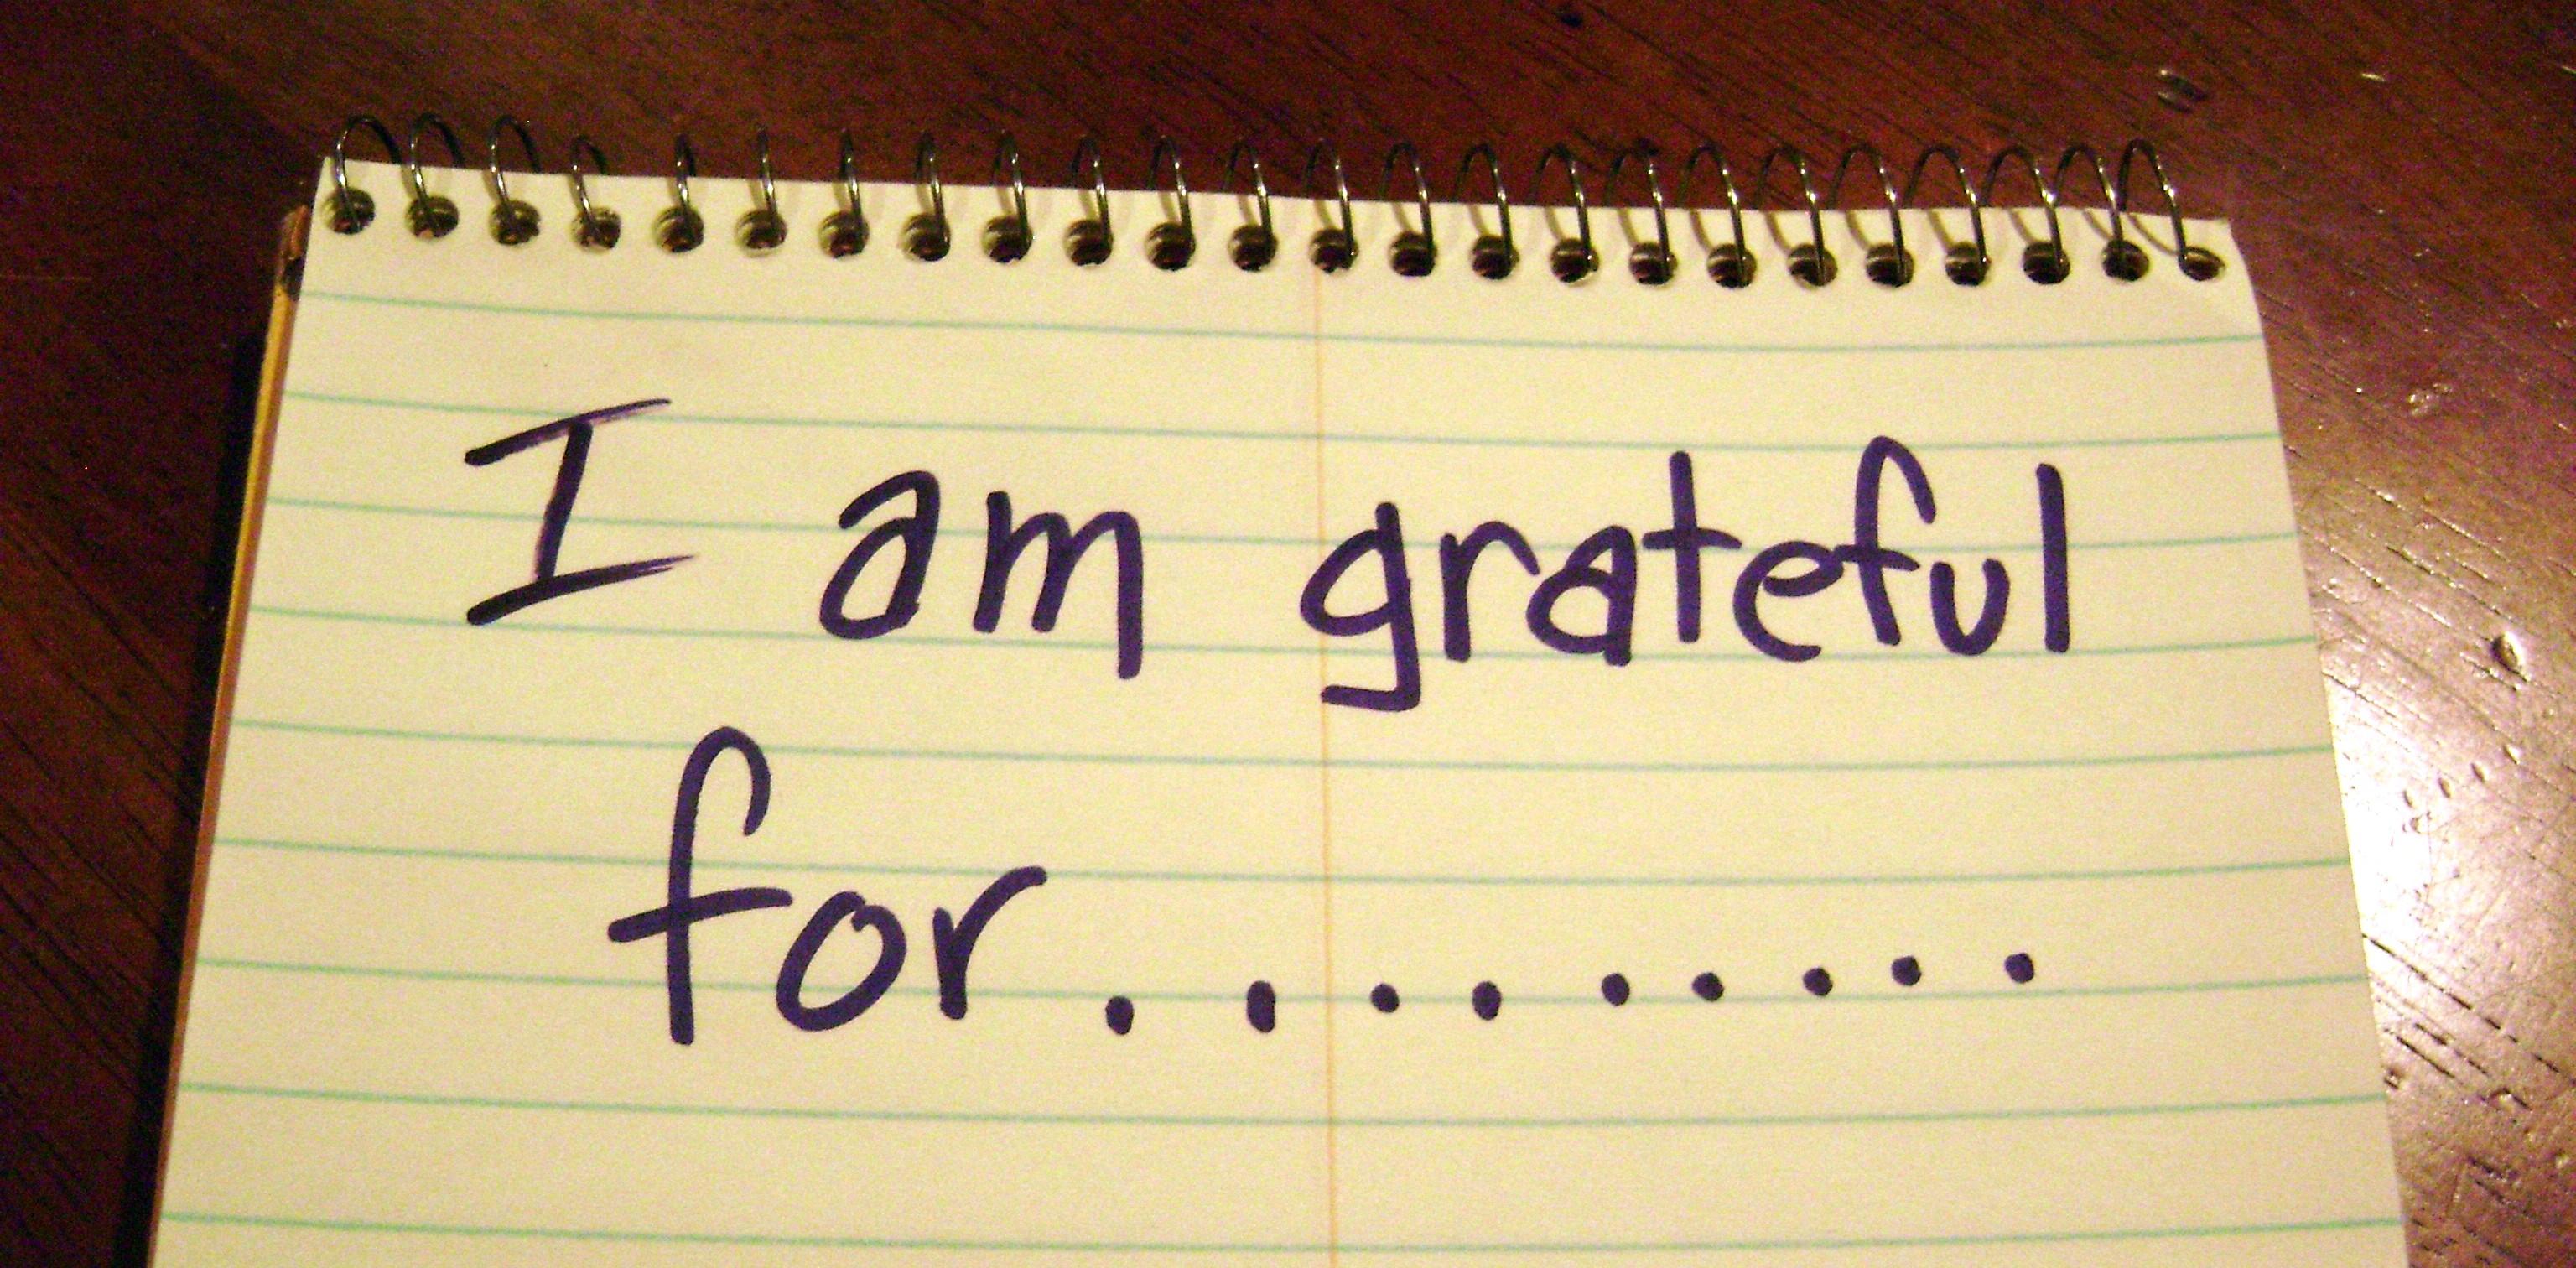 I am grateful for image